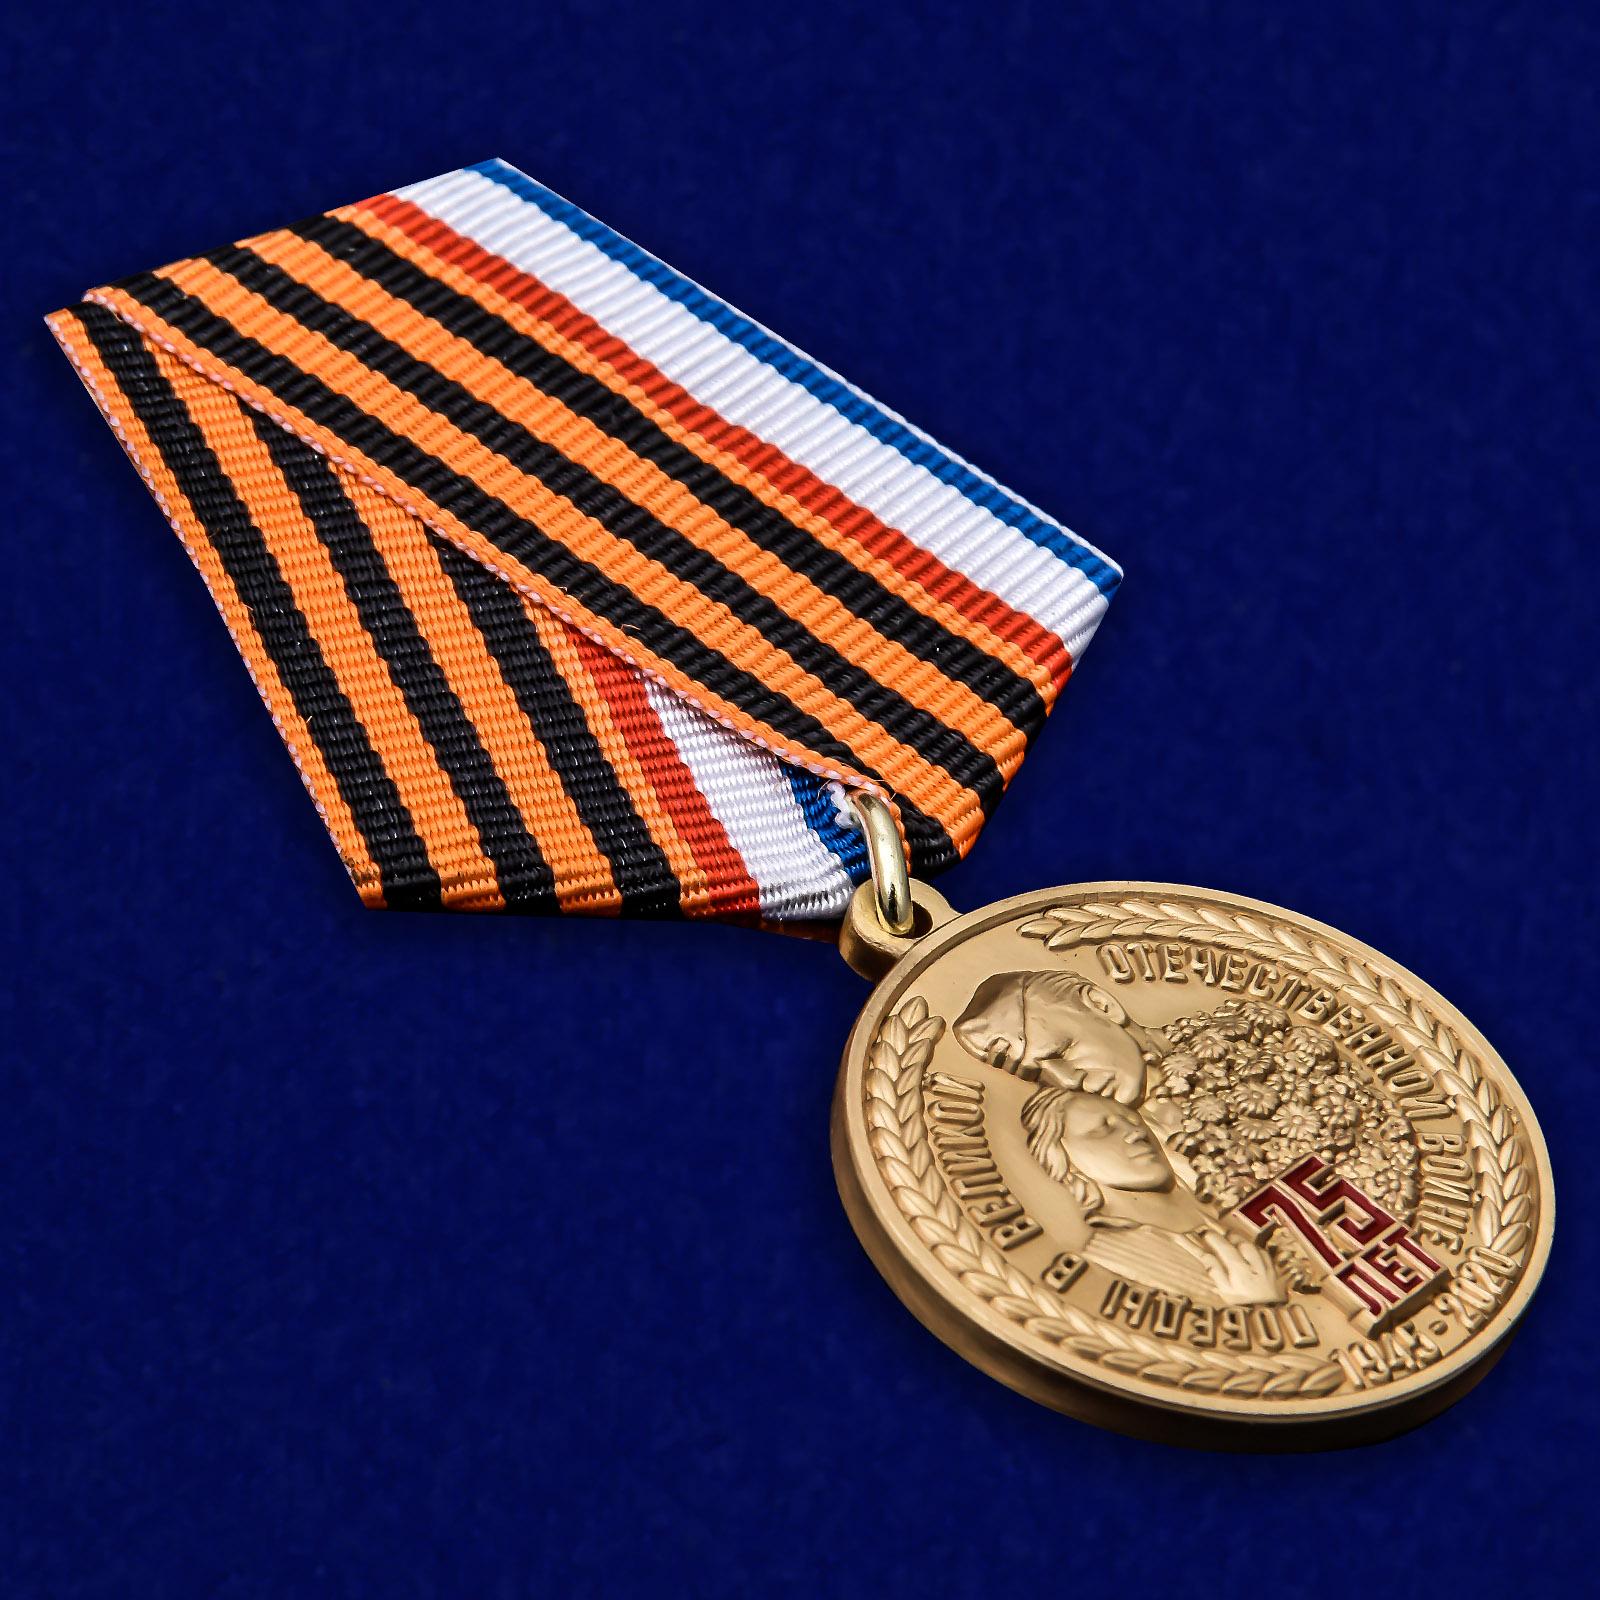 Наградная медаль 75 лет Победы в ВОВ Республика Крым - общий вид